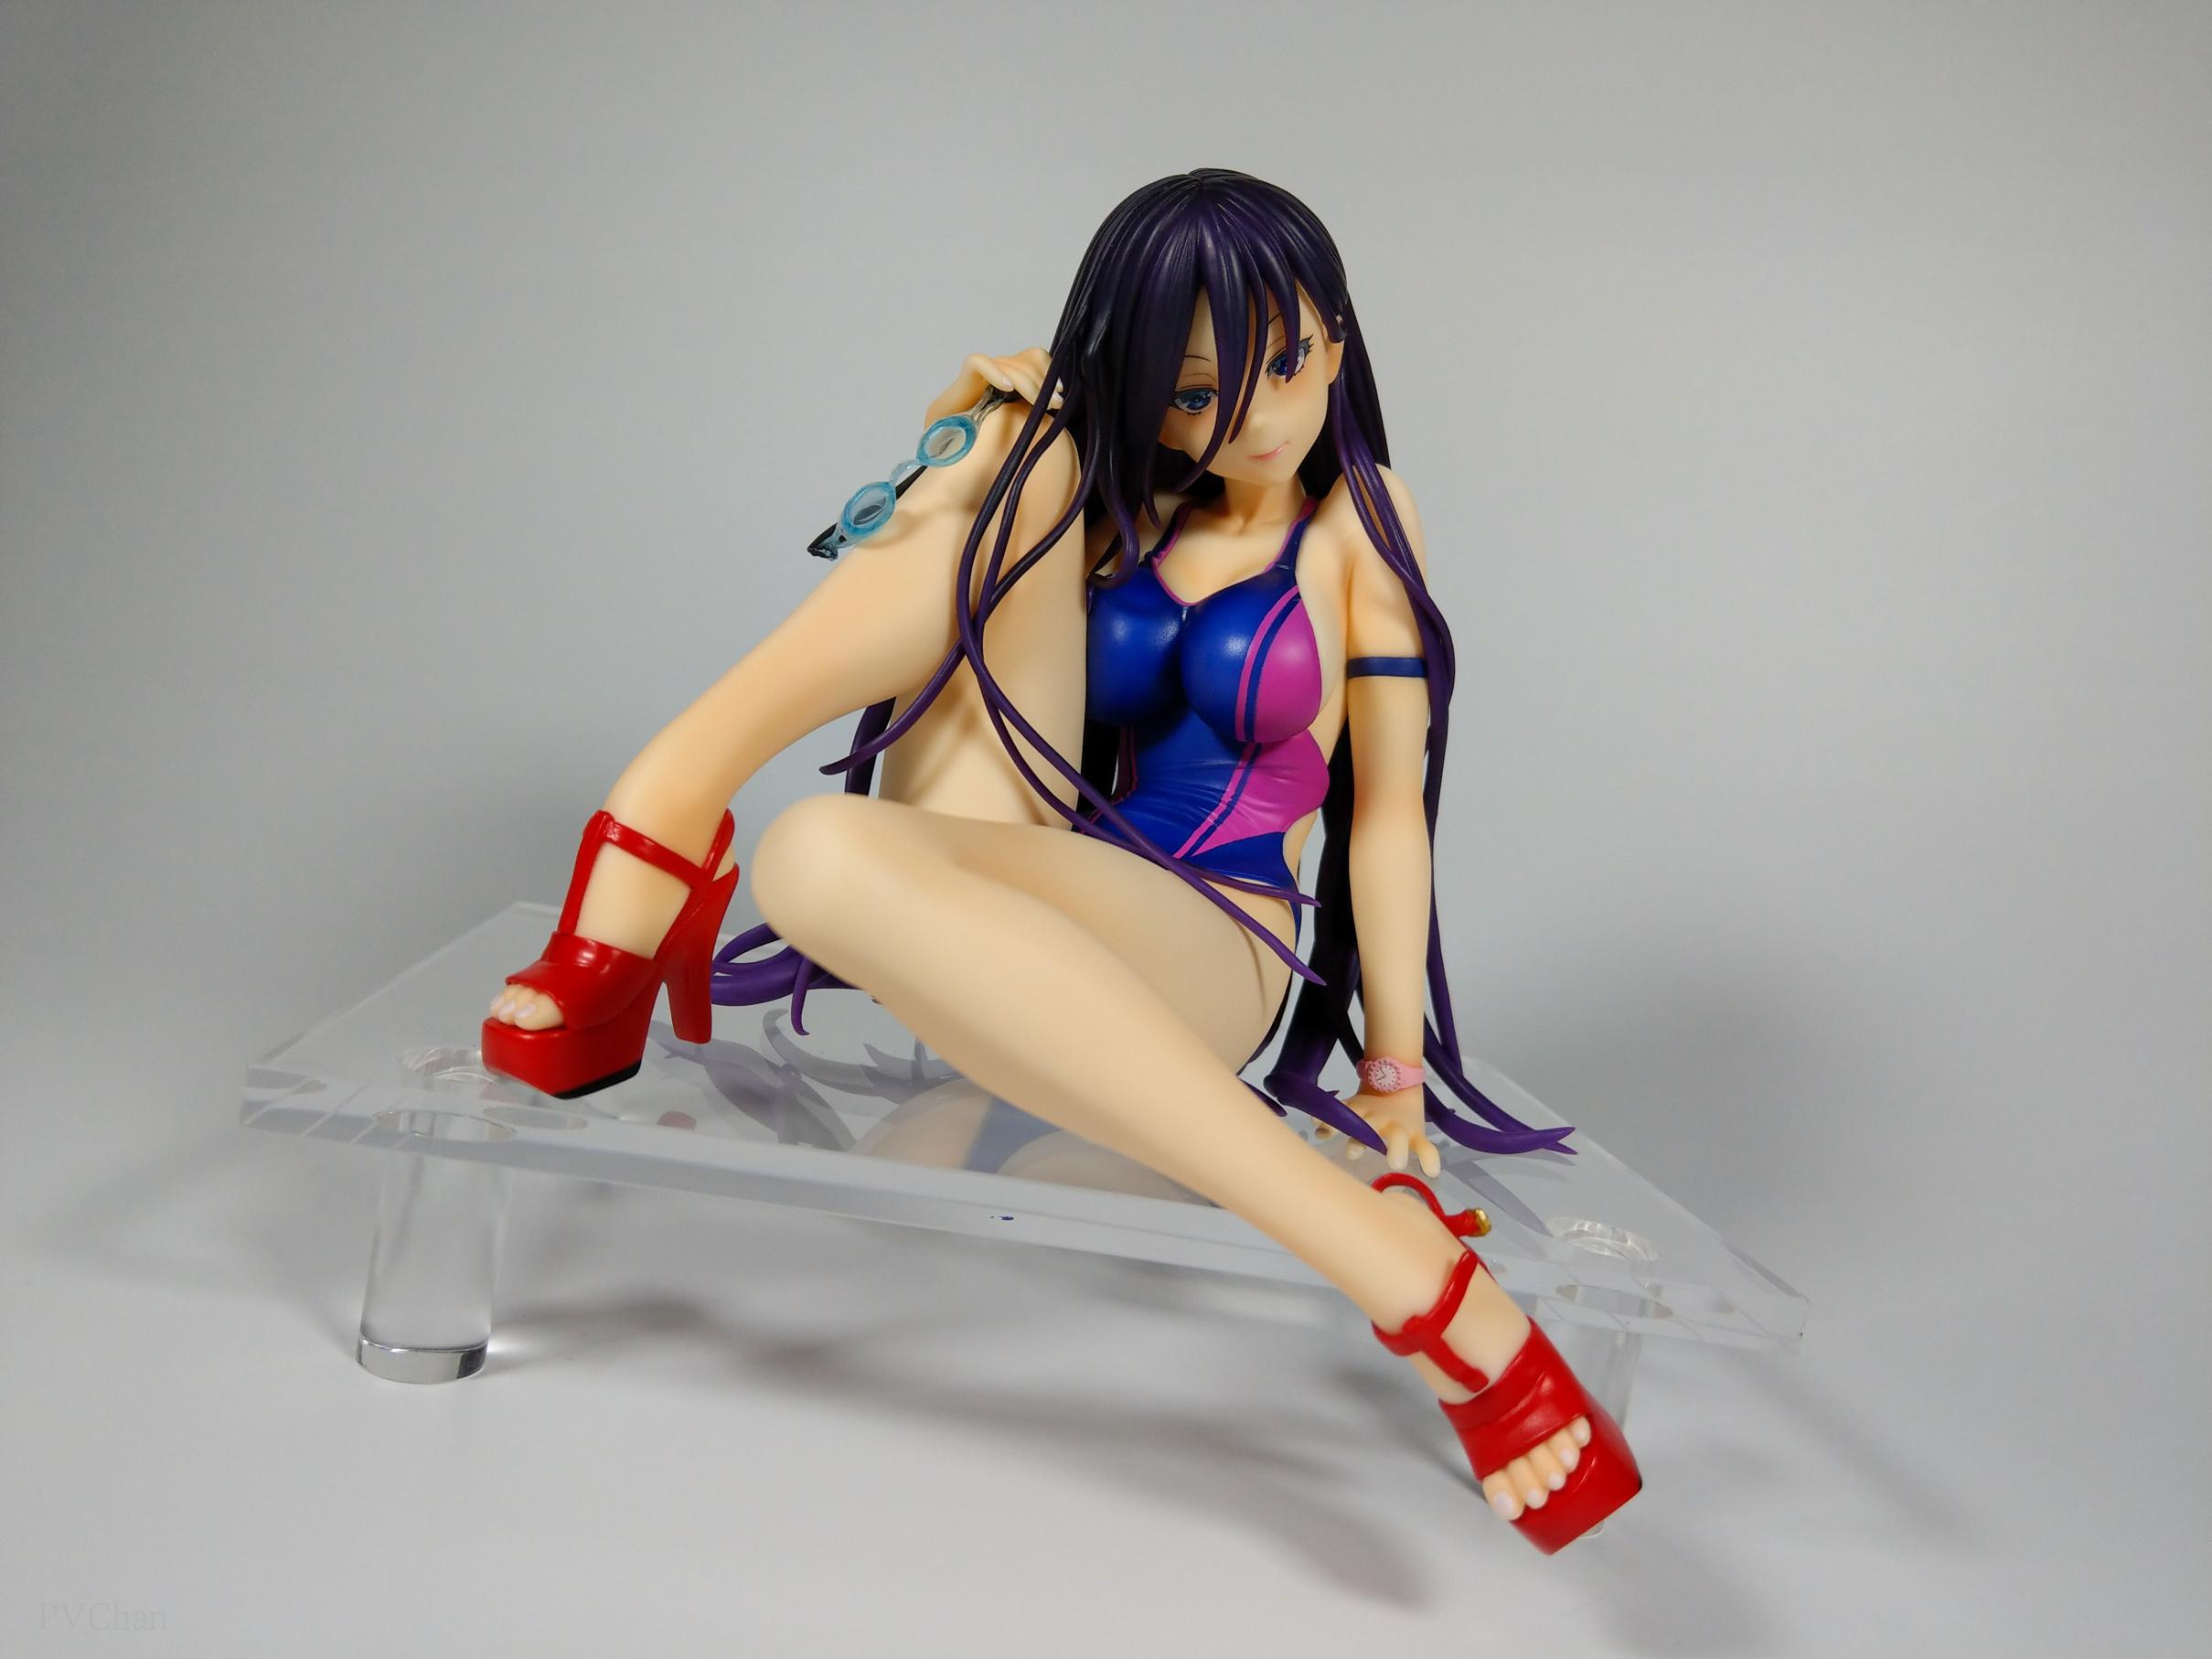 Девушка в купальнике (Kaitendo). - Изображение 4